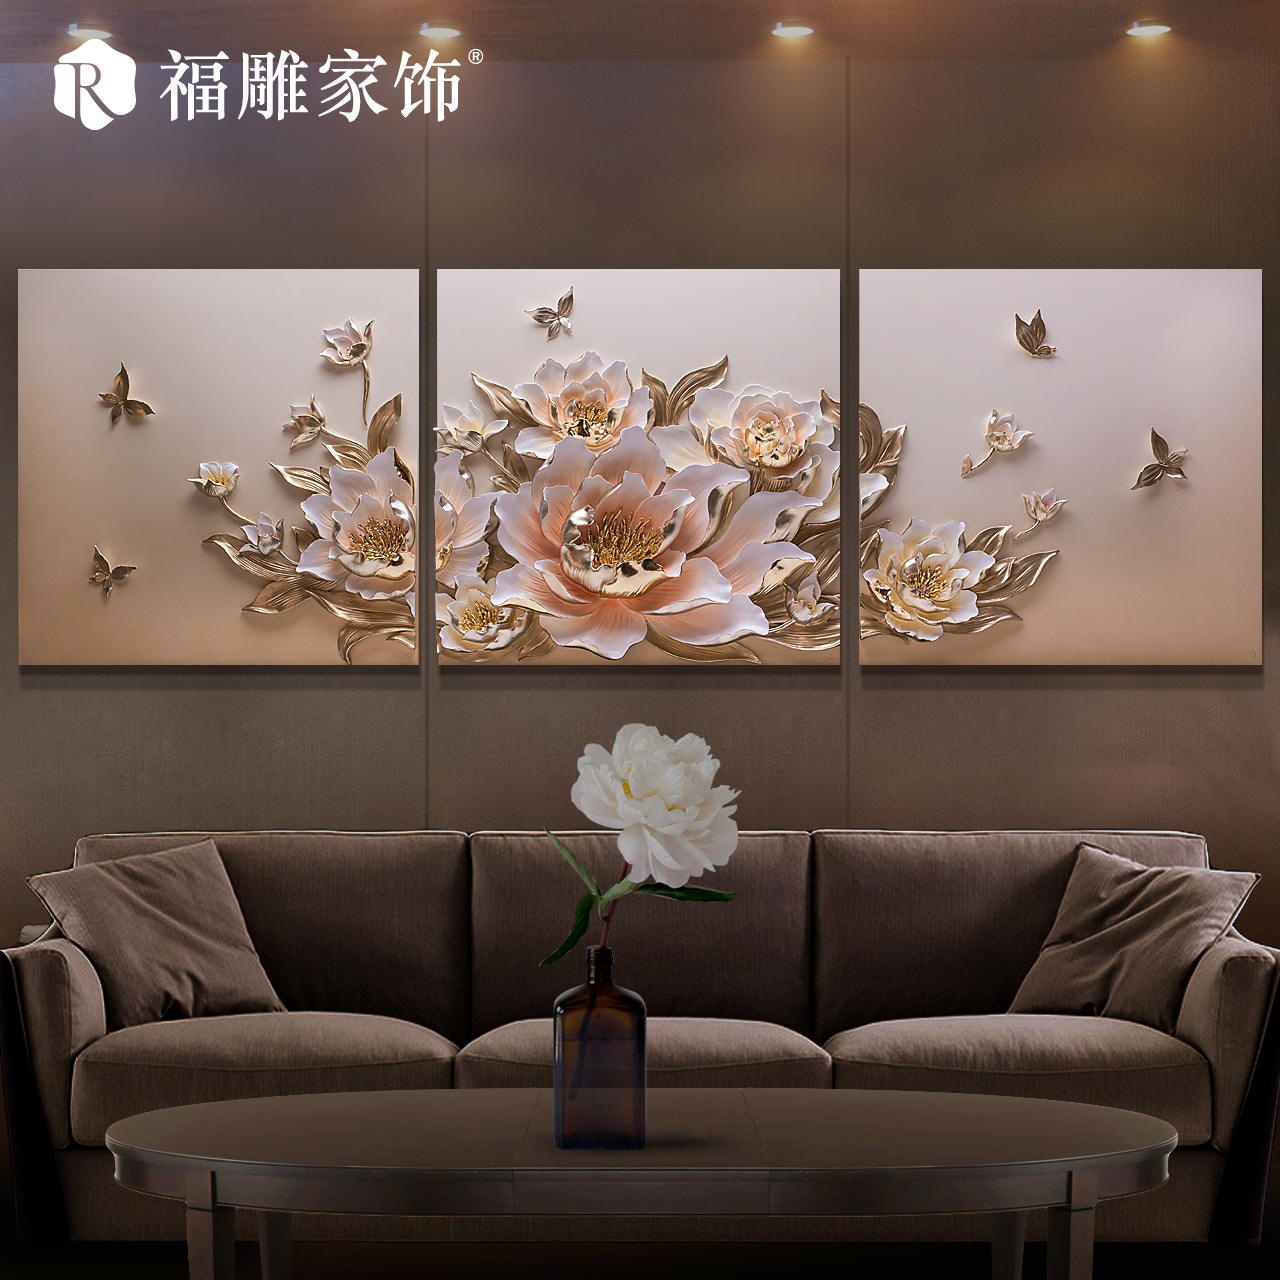 Благословение резной рельеф современный минималистский Новый китайский стиль стерео мебель Би гуа Хуа гостиная декоративная живопись